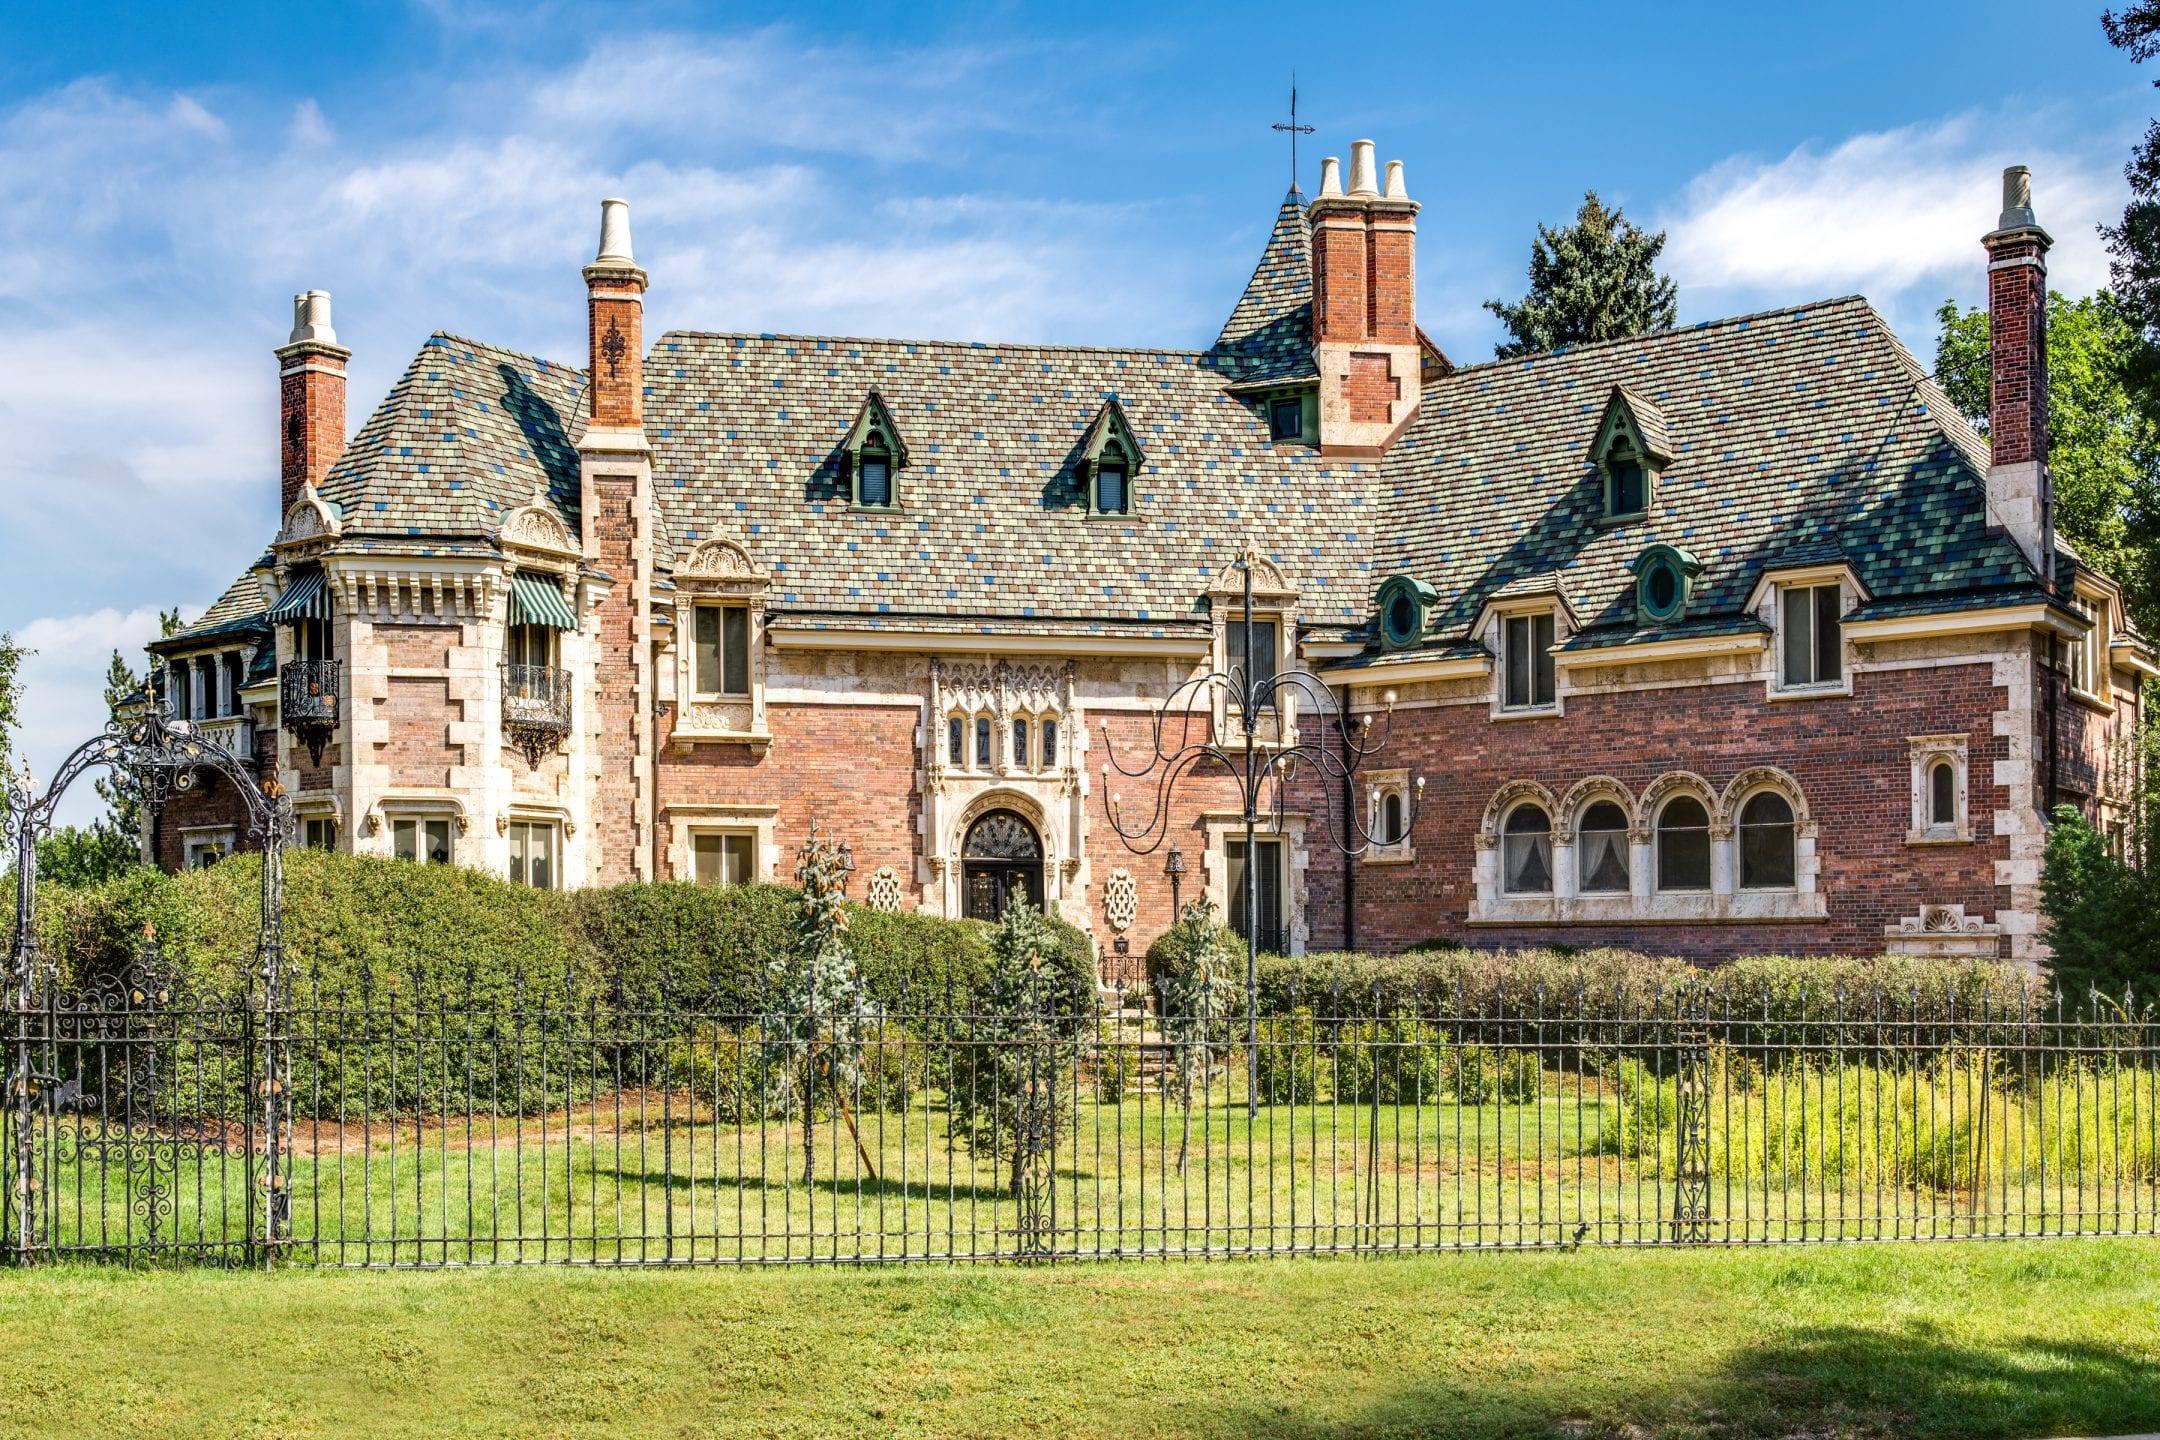 Denver Residence Ludowici Roof Tile